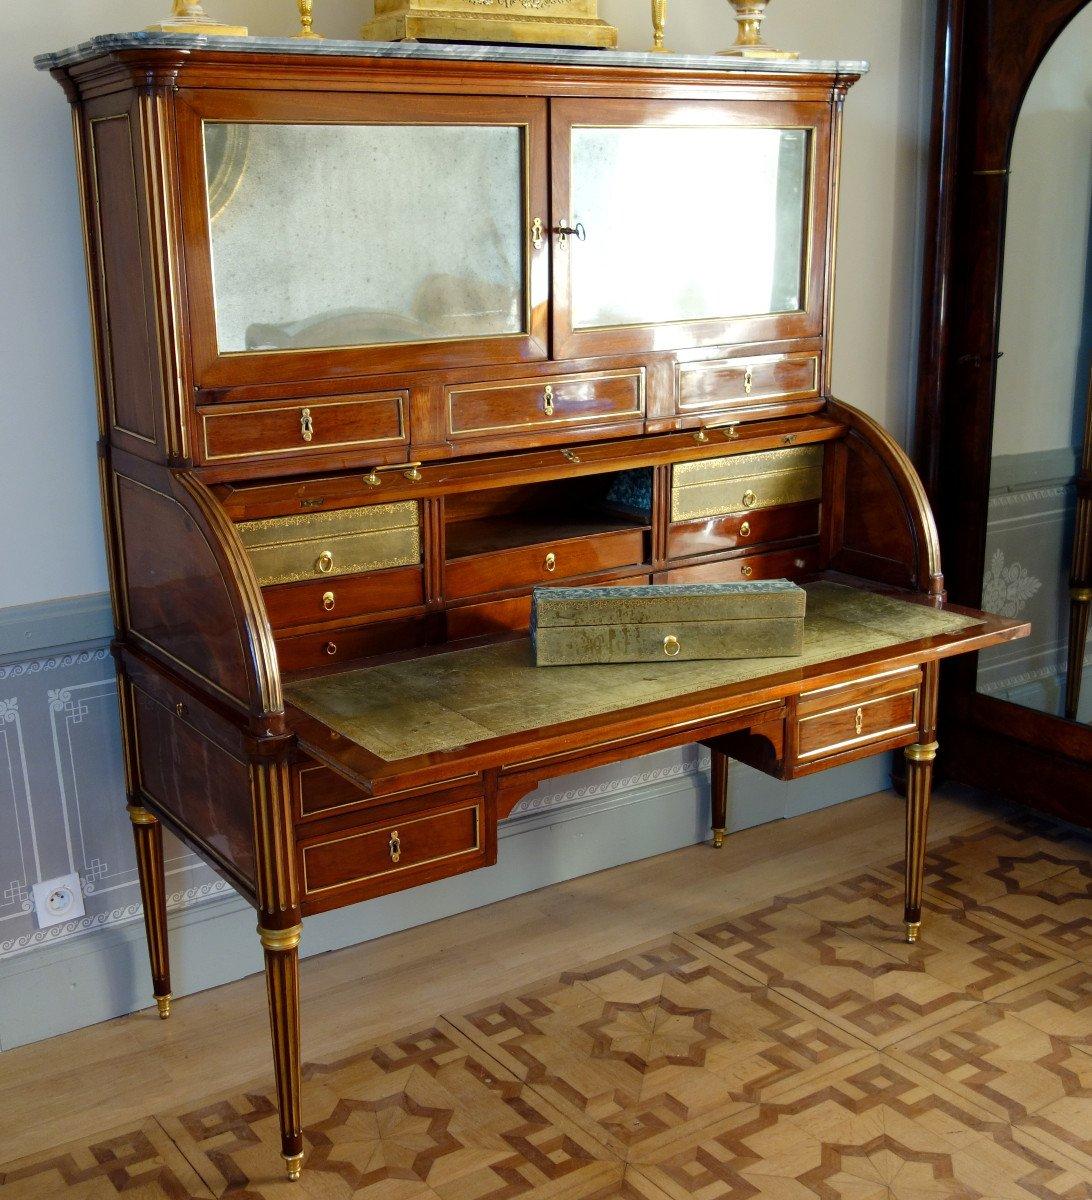 Bureau Cylindre Bibliothèque à Cartonniers En Acajou d'époque Louis XVI, Vernis Au Tampon